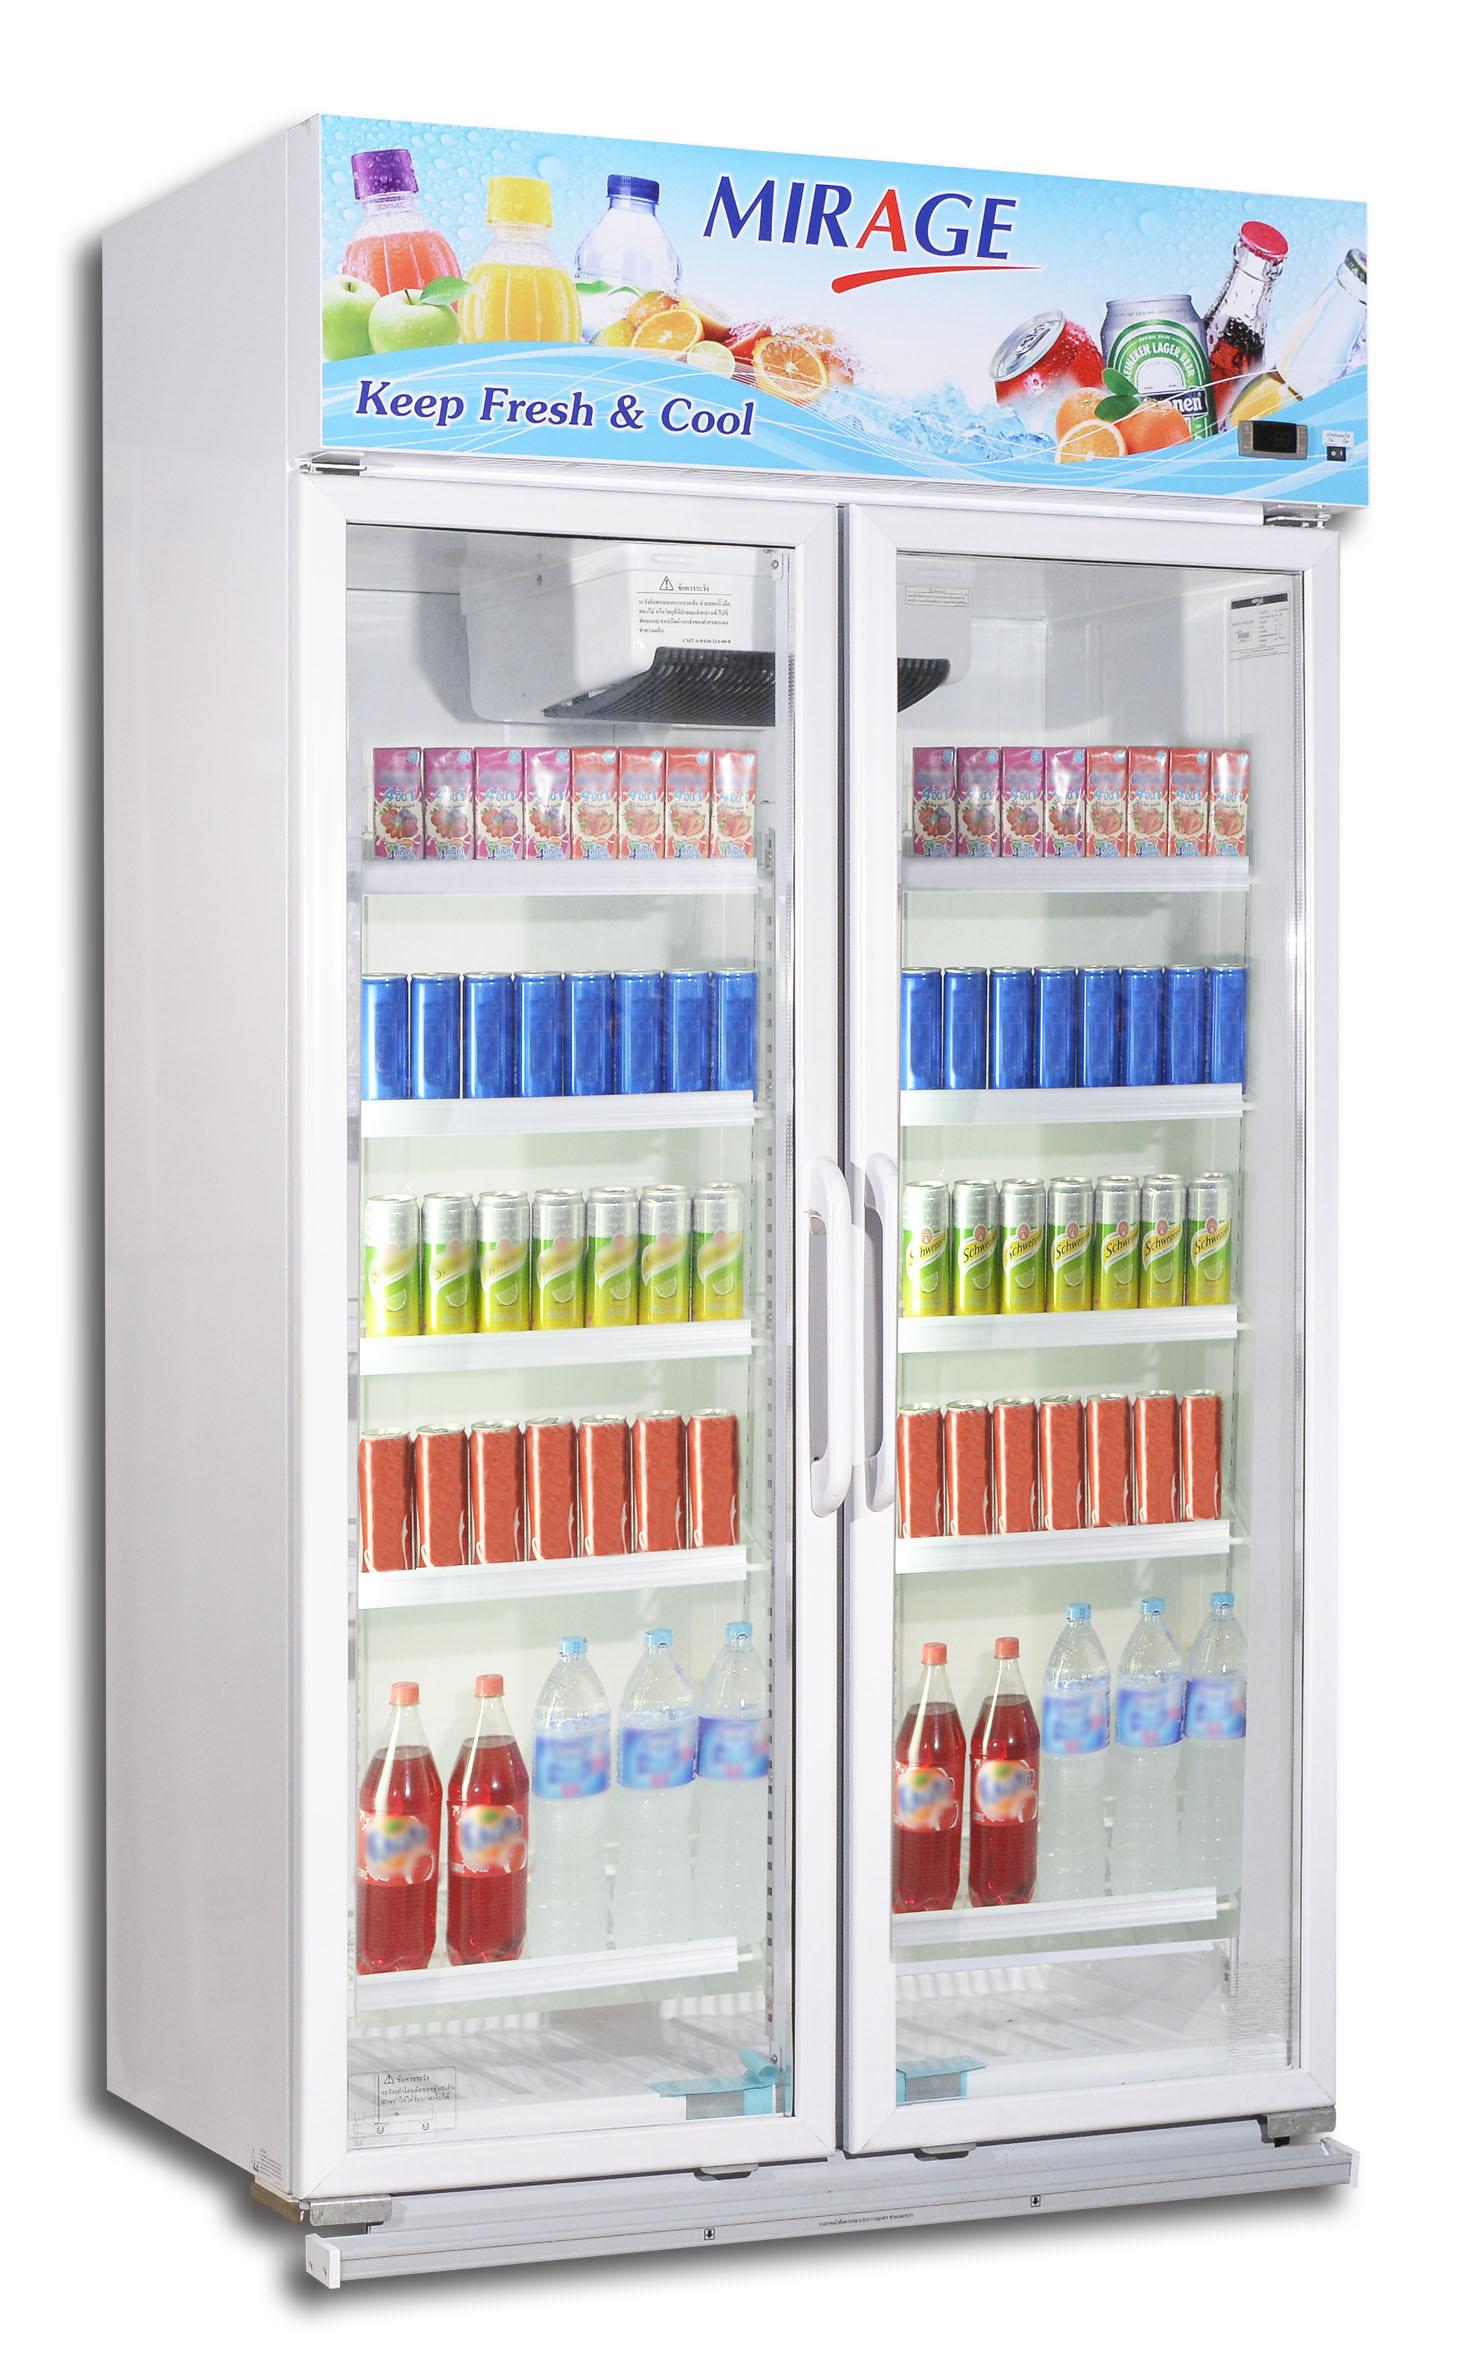 Mirage ตู้แช่เย็น / เครื่องดื่ม 2 ประตู จุ 24.5 คิว/694 ลิตร รุ่น BC62FN